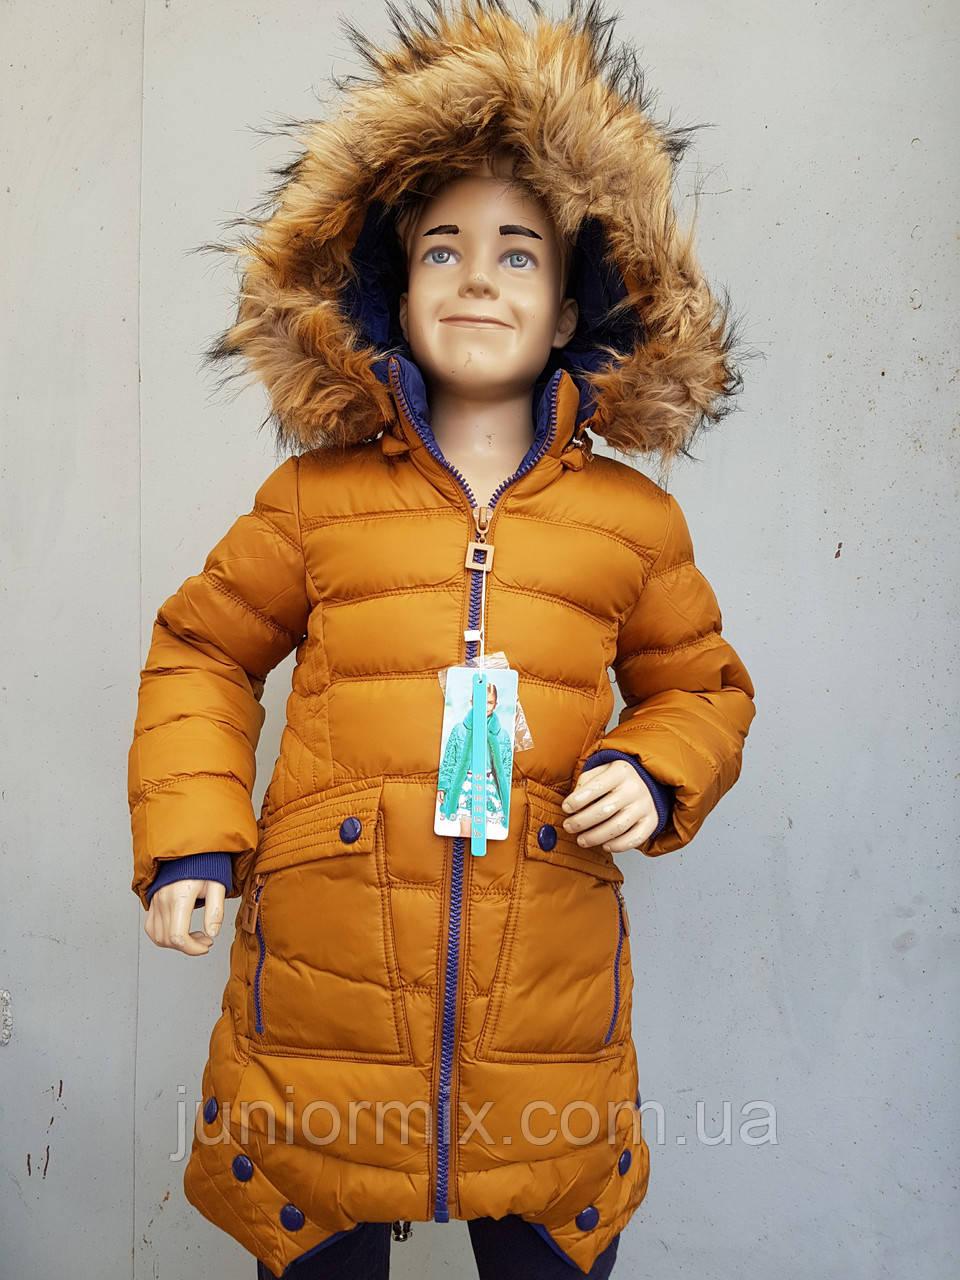 Куртка зимняя на девочку подросток SPEED.A с тремя пуговицами средняя